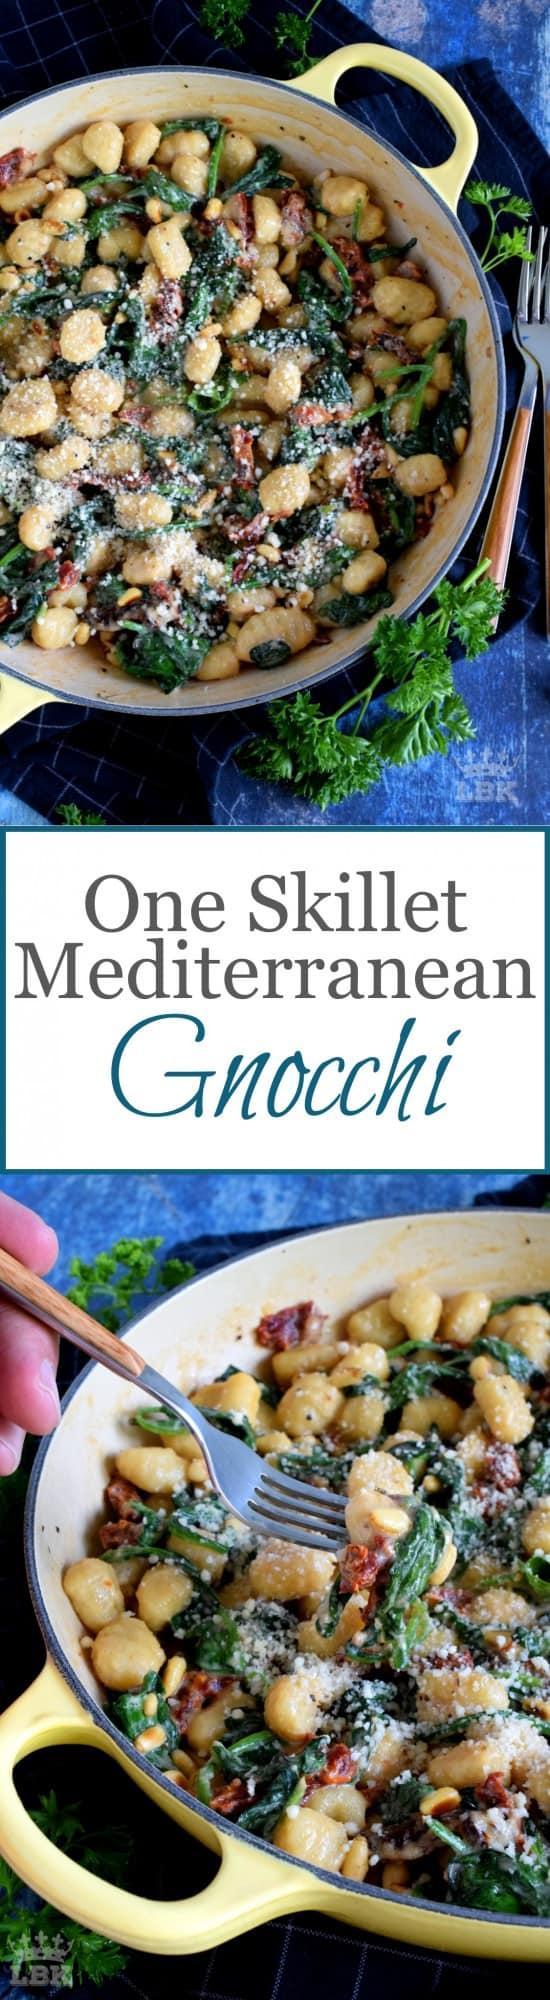 One Skillet Mediterranean Gnocchi